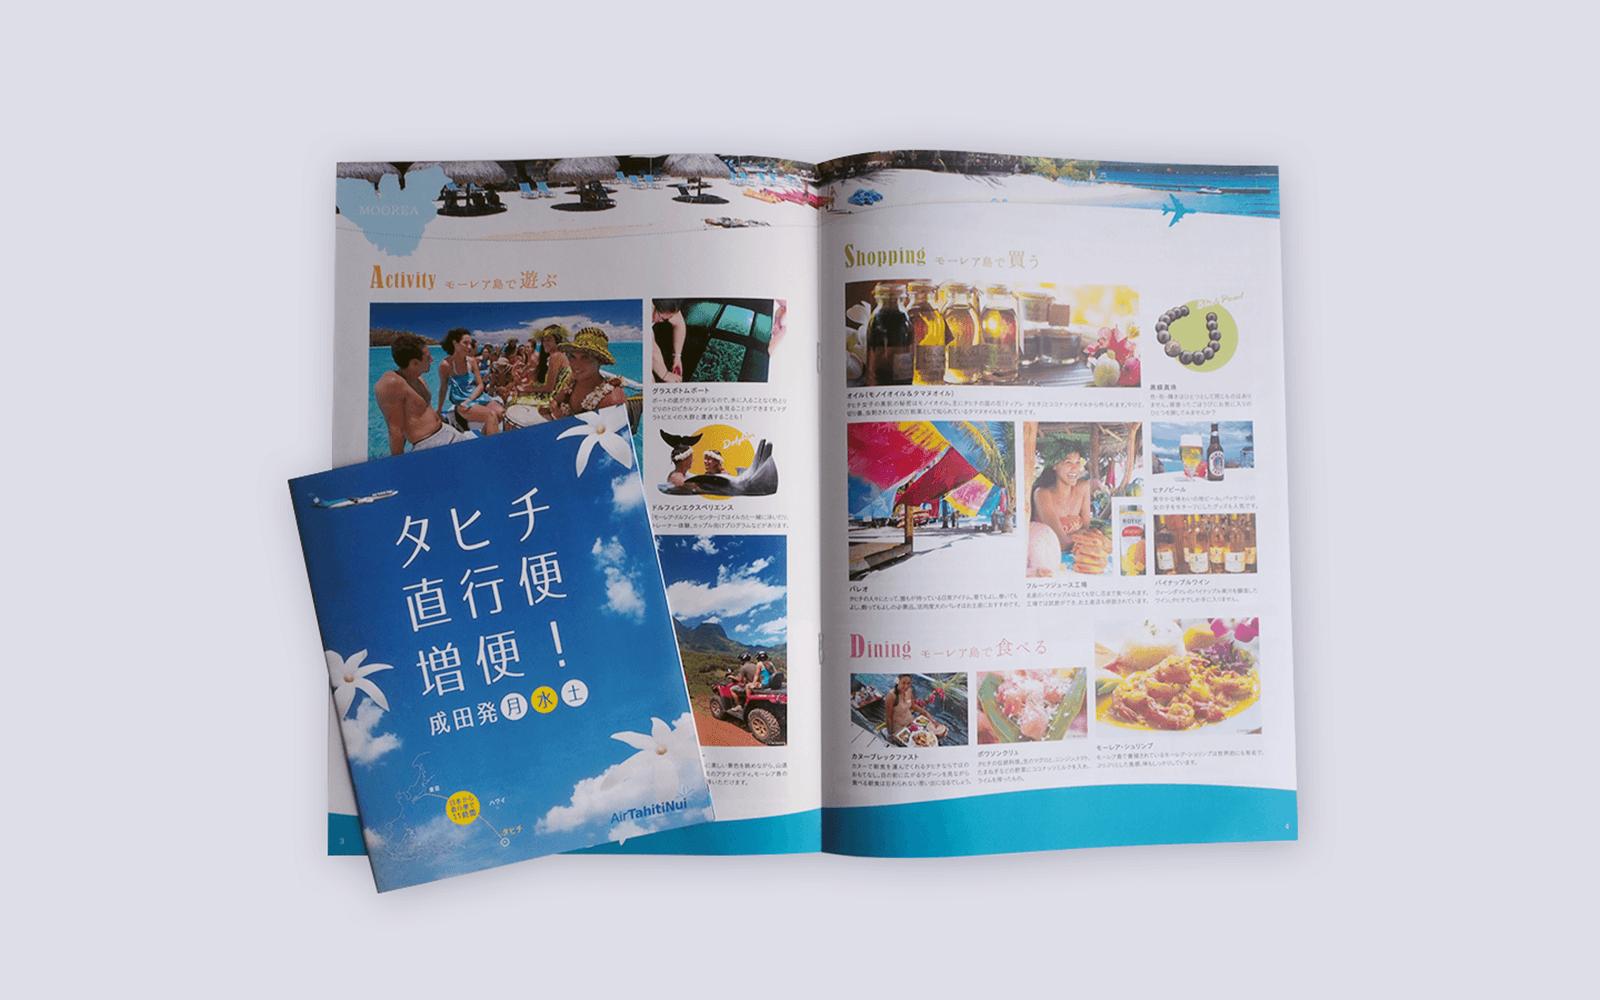 Air Tahiti Nui キャンペーン リーフレット